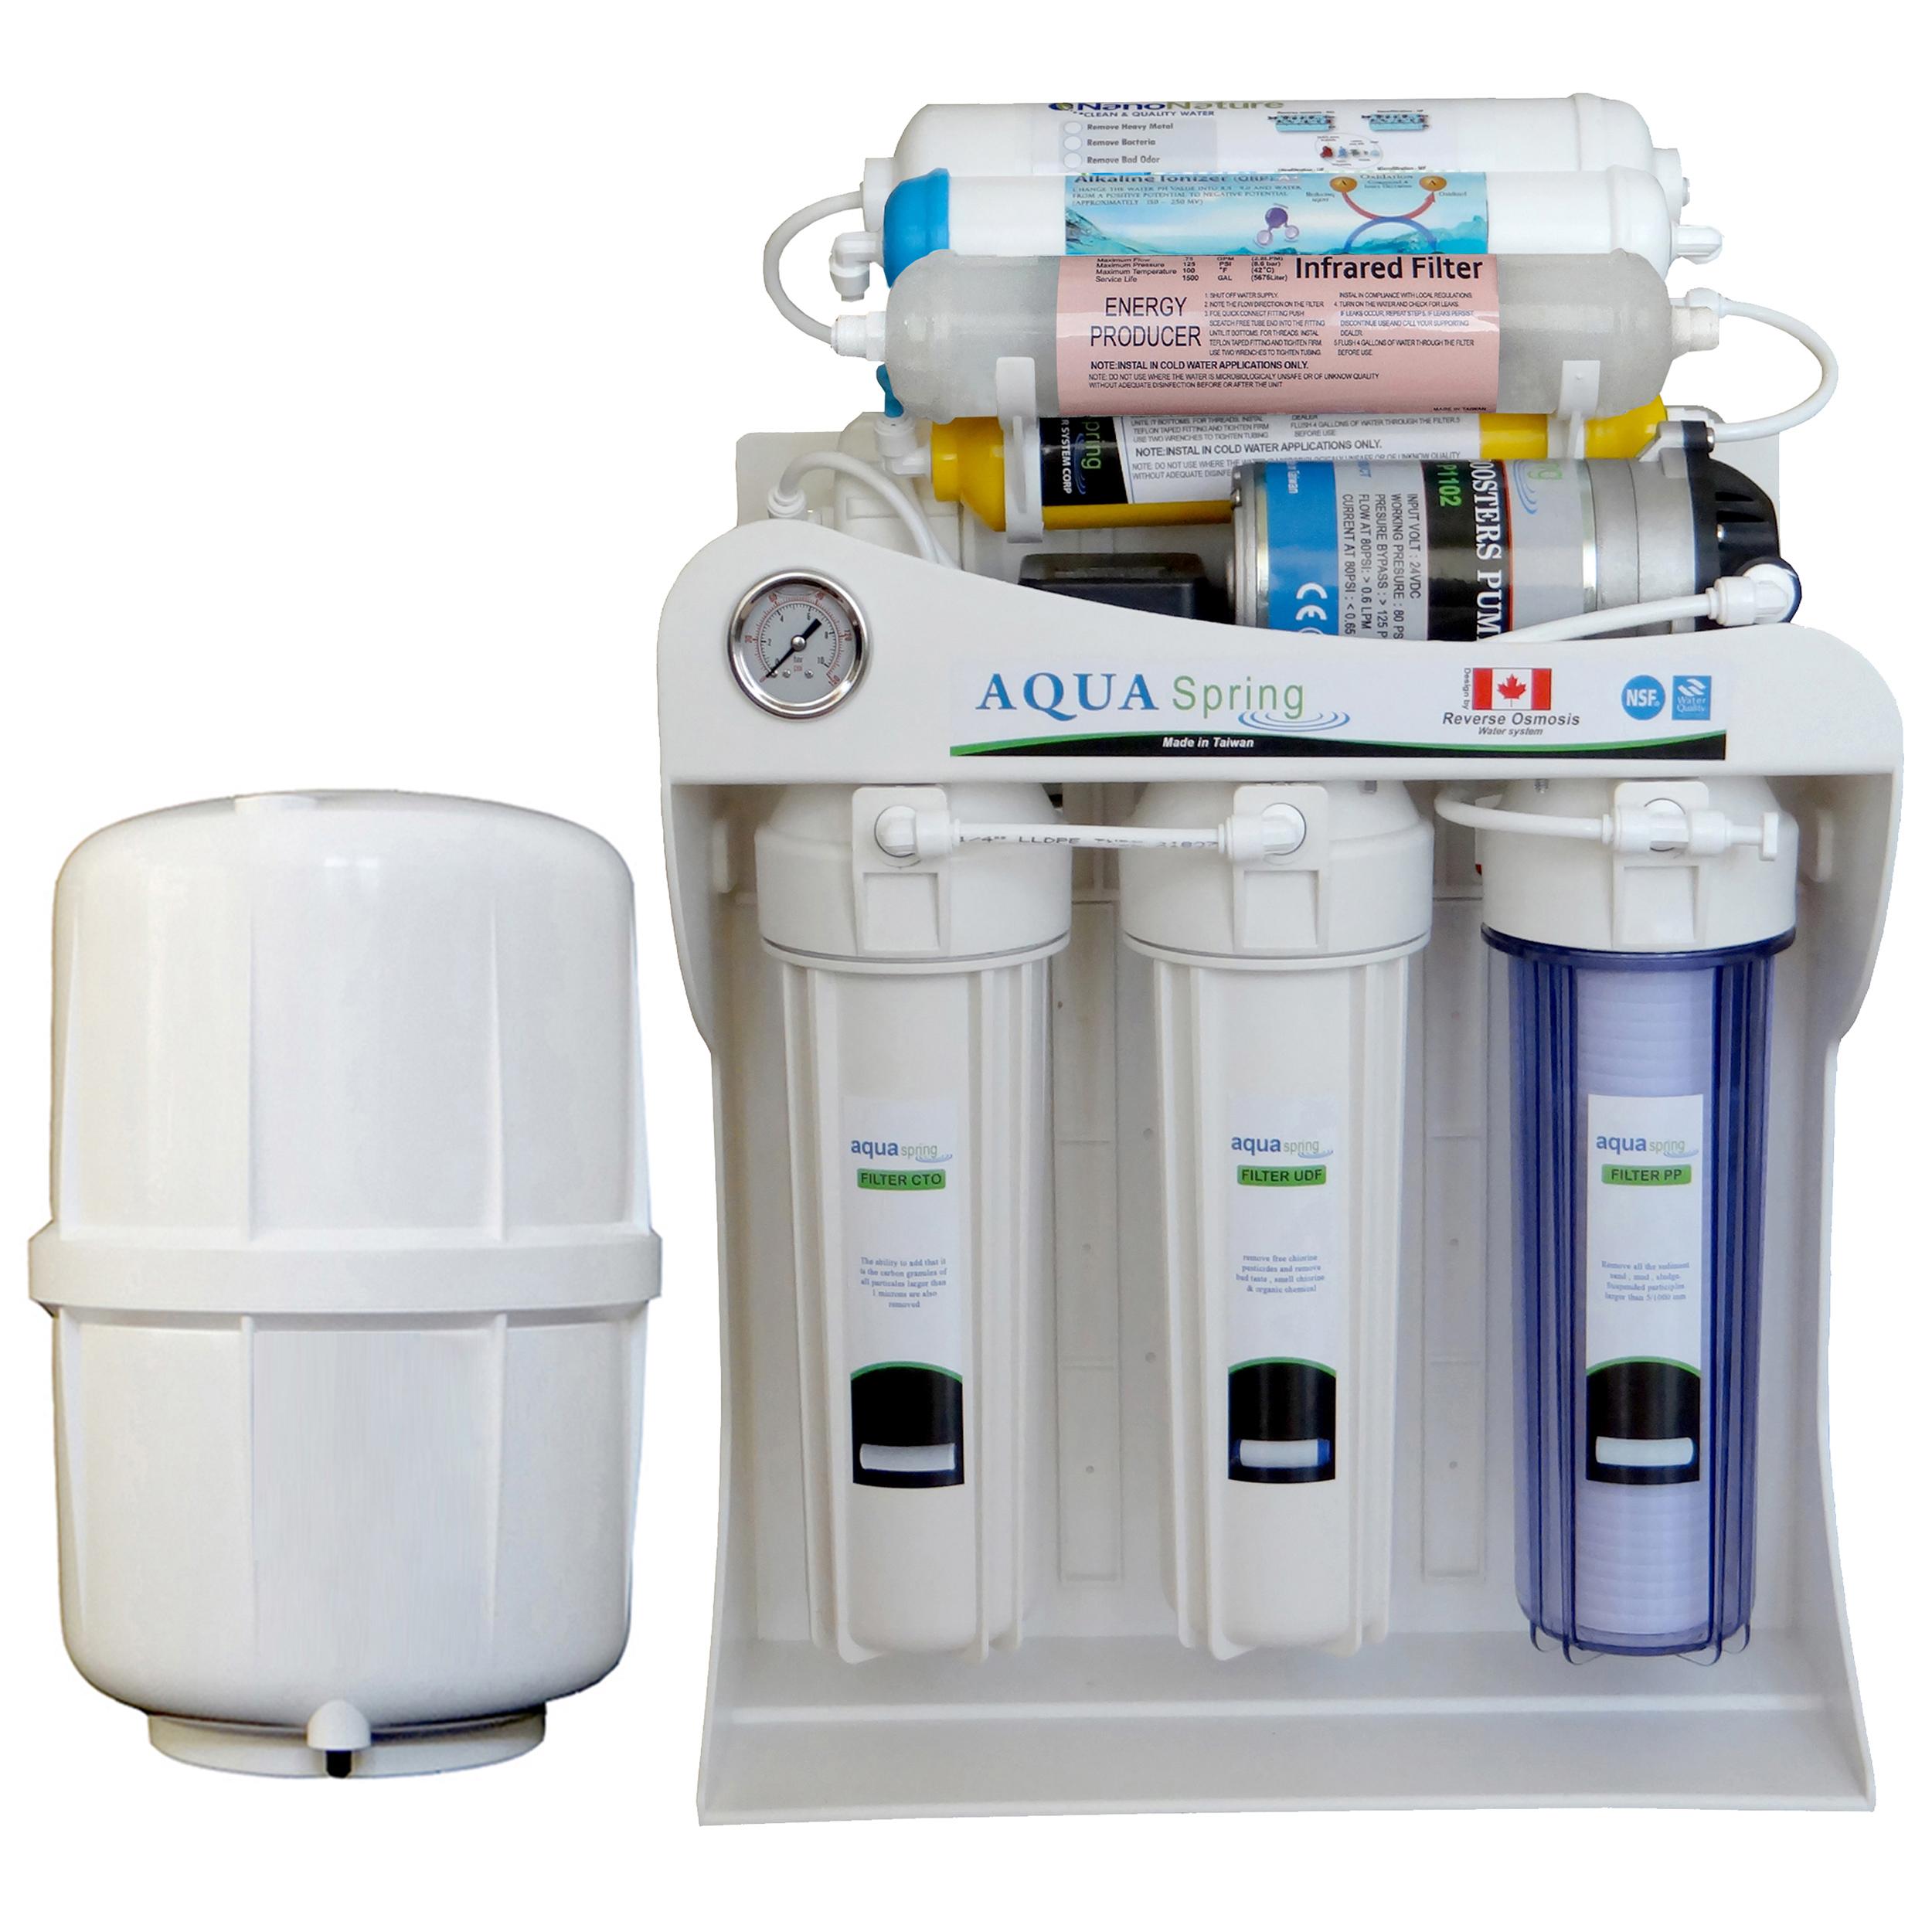 دستگاه تصفیه کننده آب آکوآ اسپرینگ مدل NF-SF3400